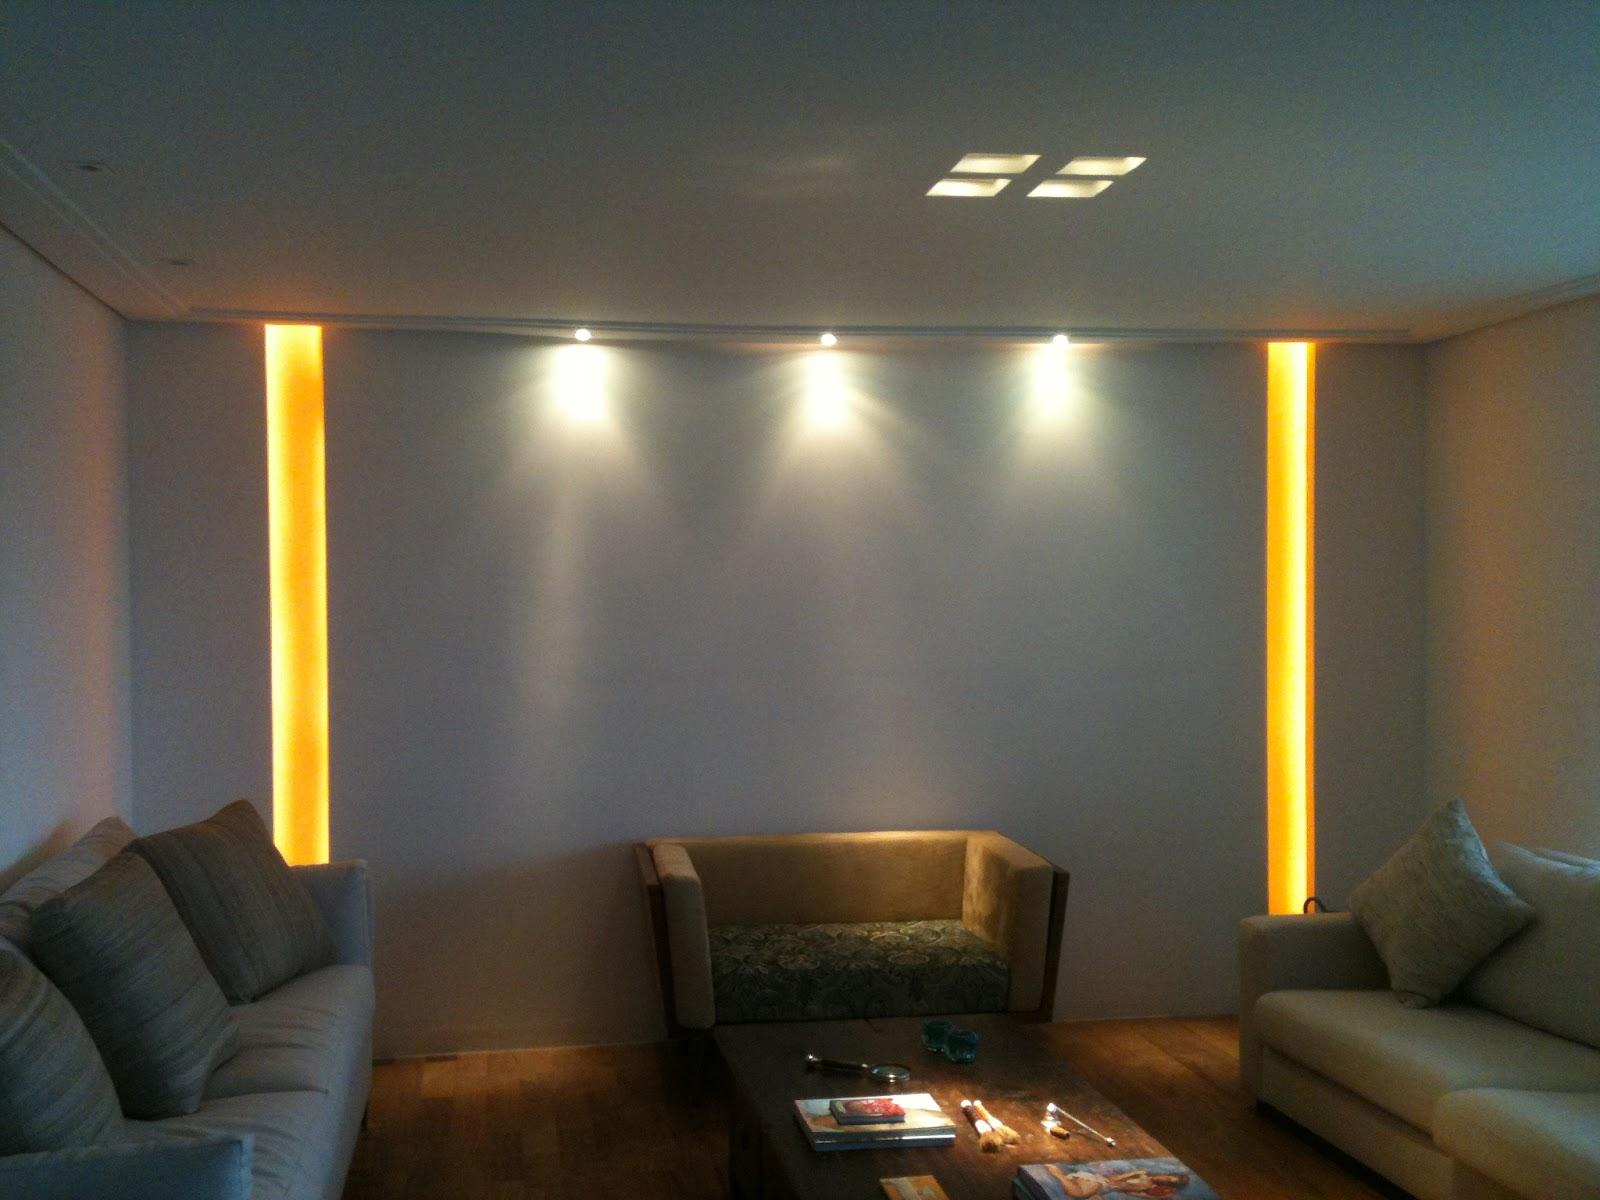 #CA9A01 Gesso Chikk * Simplesmente um Luxo*: Rasgo de luz na parede . 1600x1200 px Banheiro Parede Gesso 2453